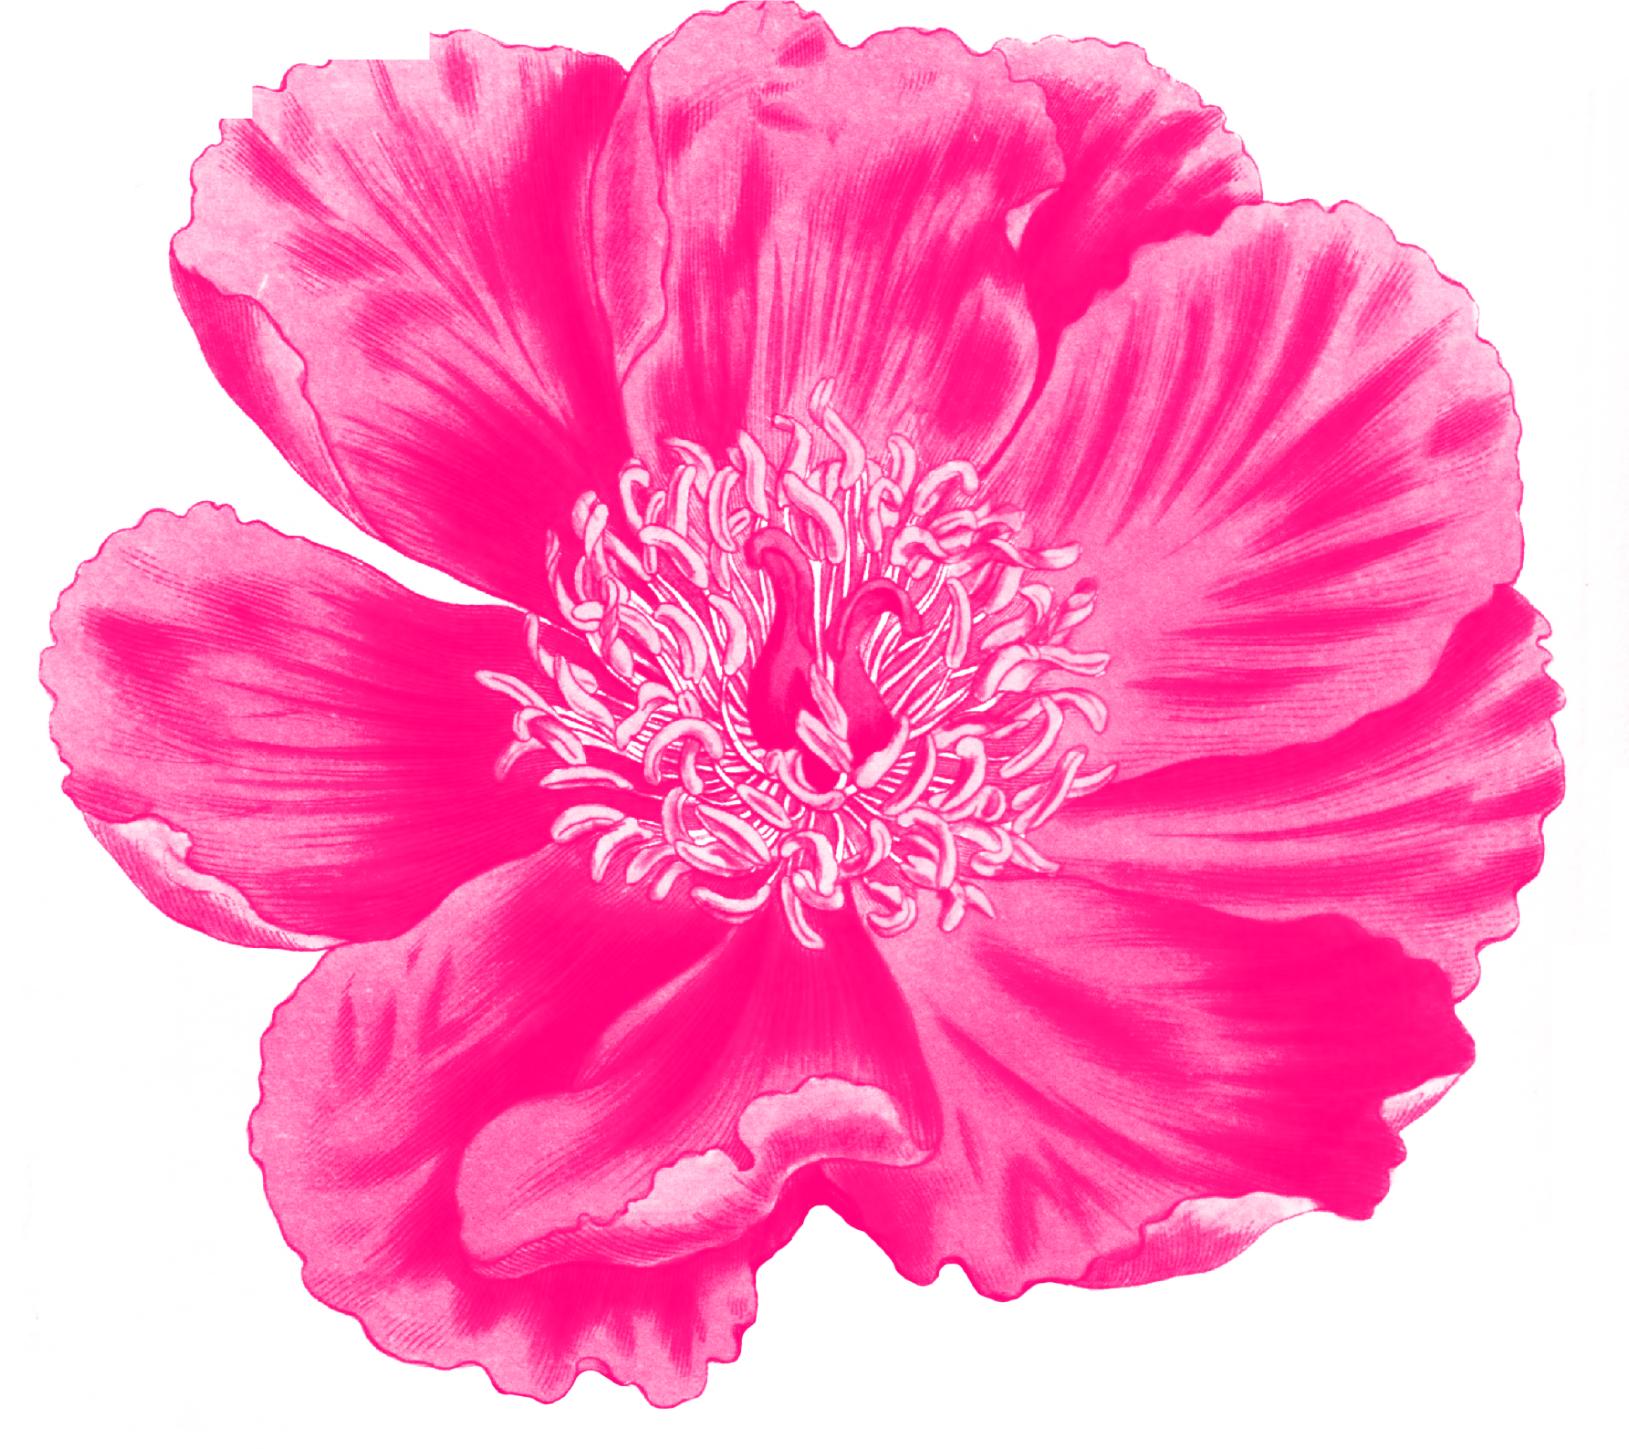 ptite_fleur